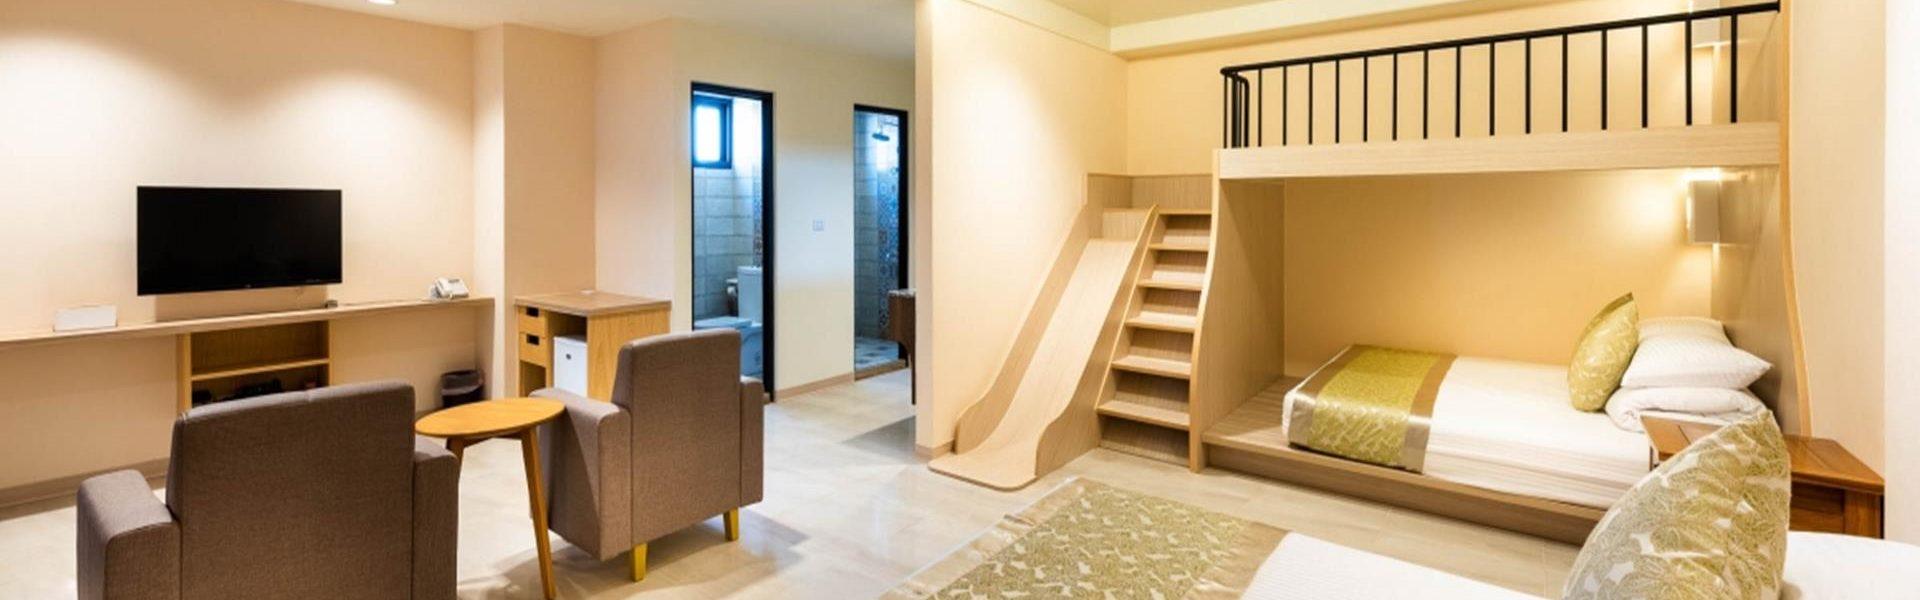 【小琉球親子民宿推薦】備主題房型、房內溜滑梯、套裝行程的小琉球民宿